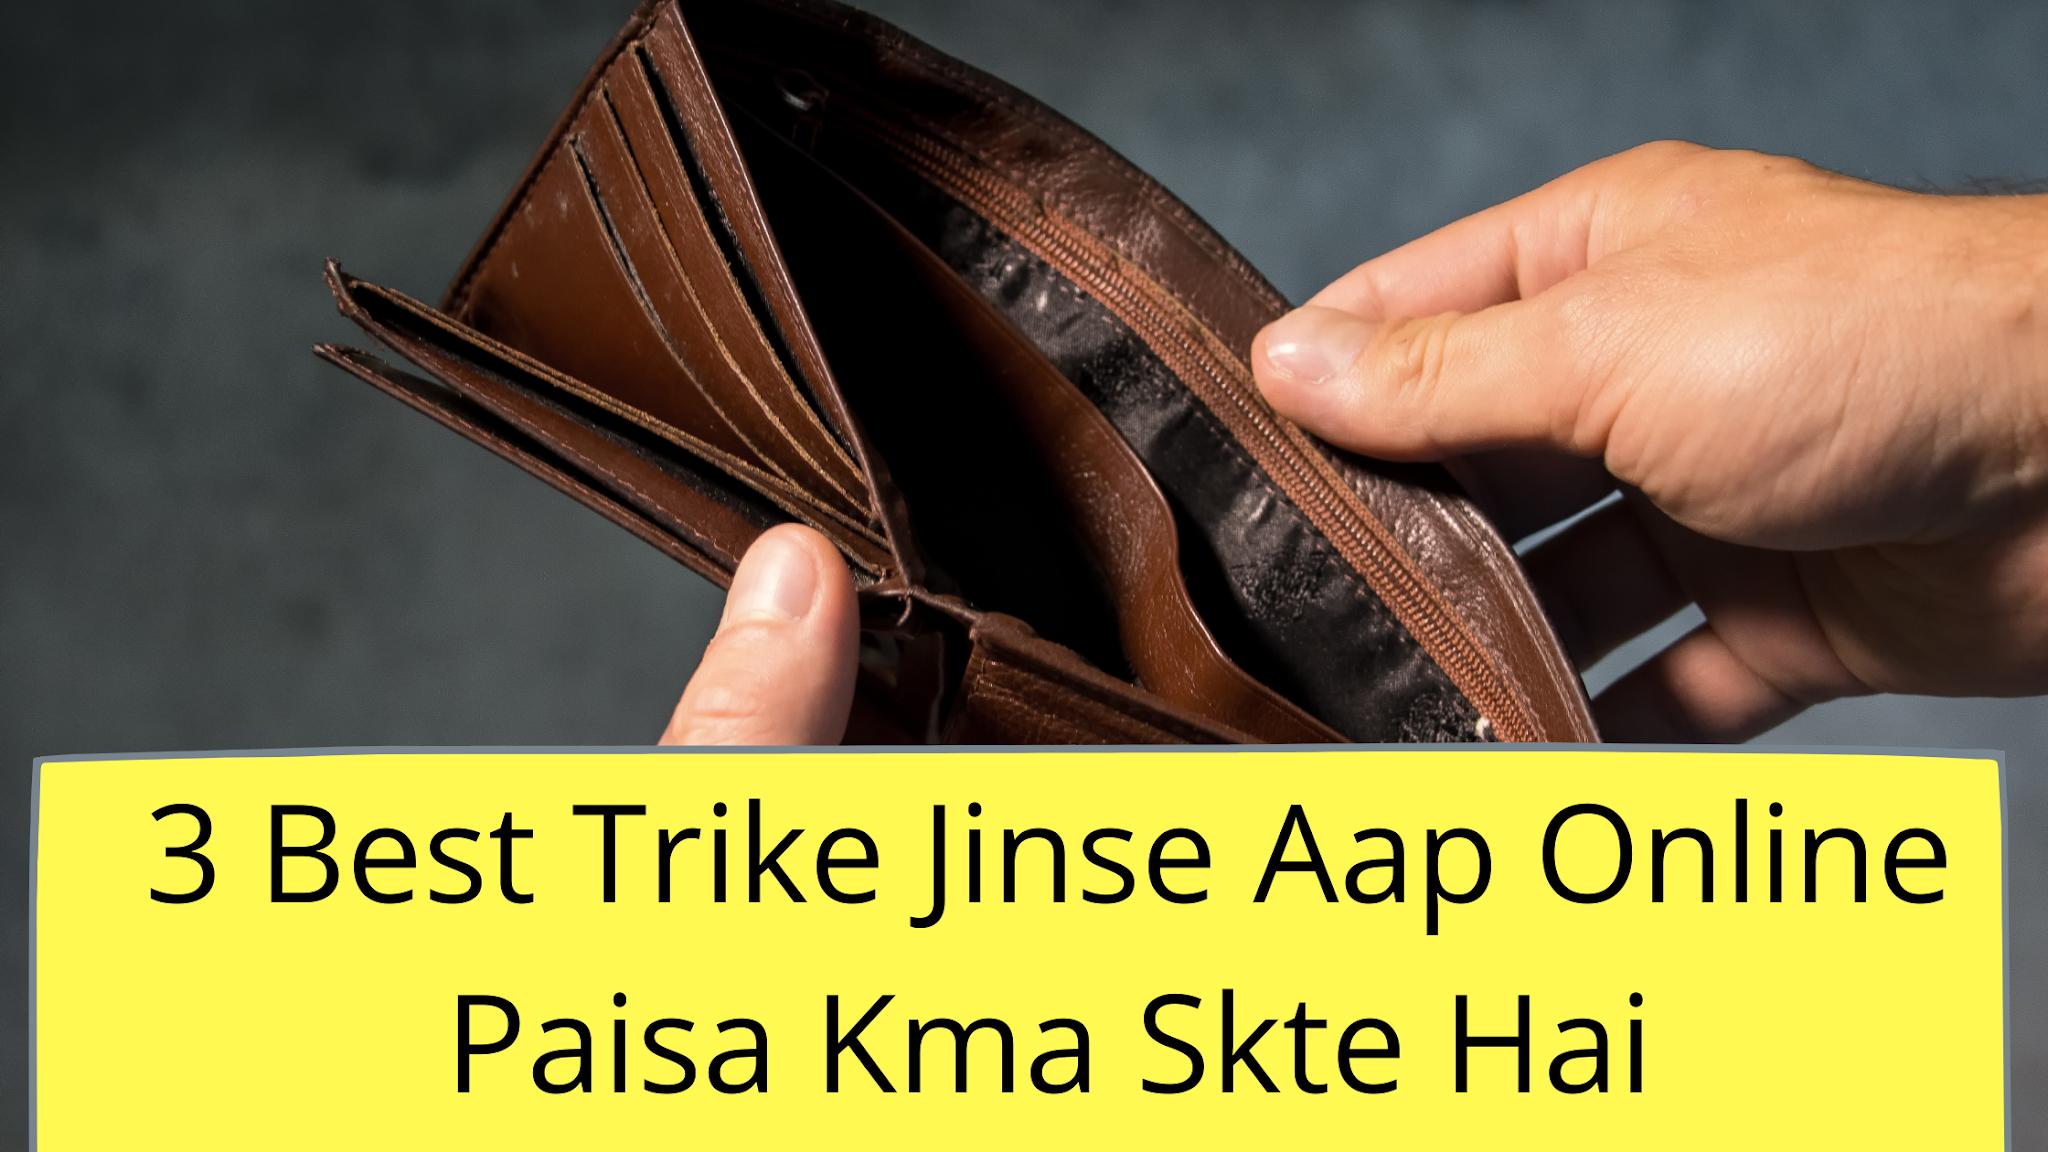 3 Best Trike Jinse Aap Online Paisa Kma Skte Hai